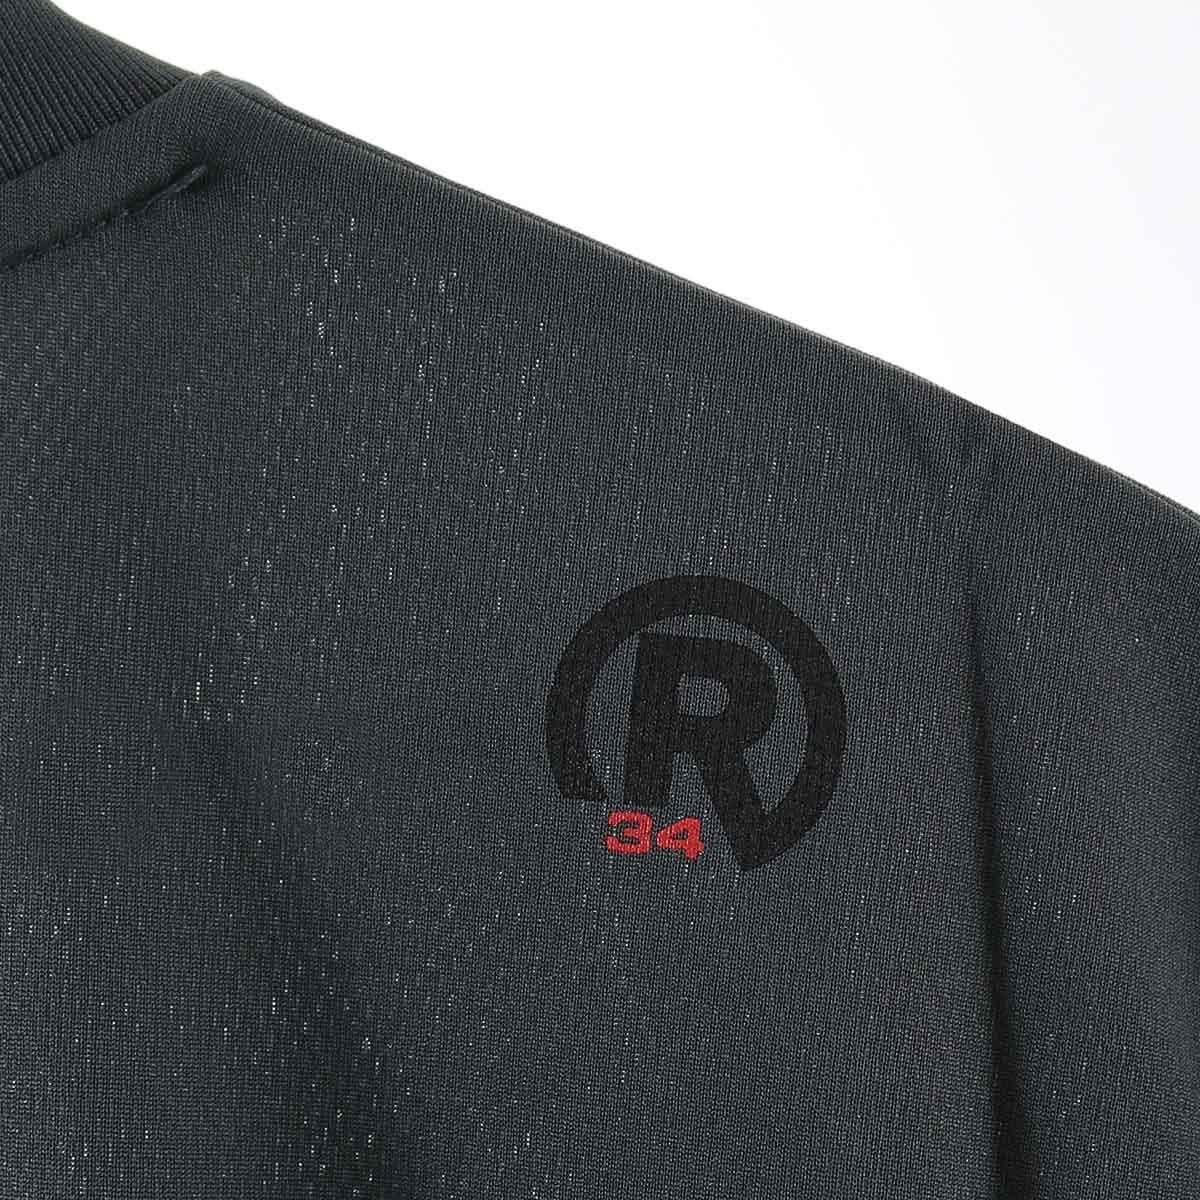 BASIC LOGO R34 DRY T-SHIRT